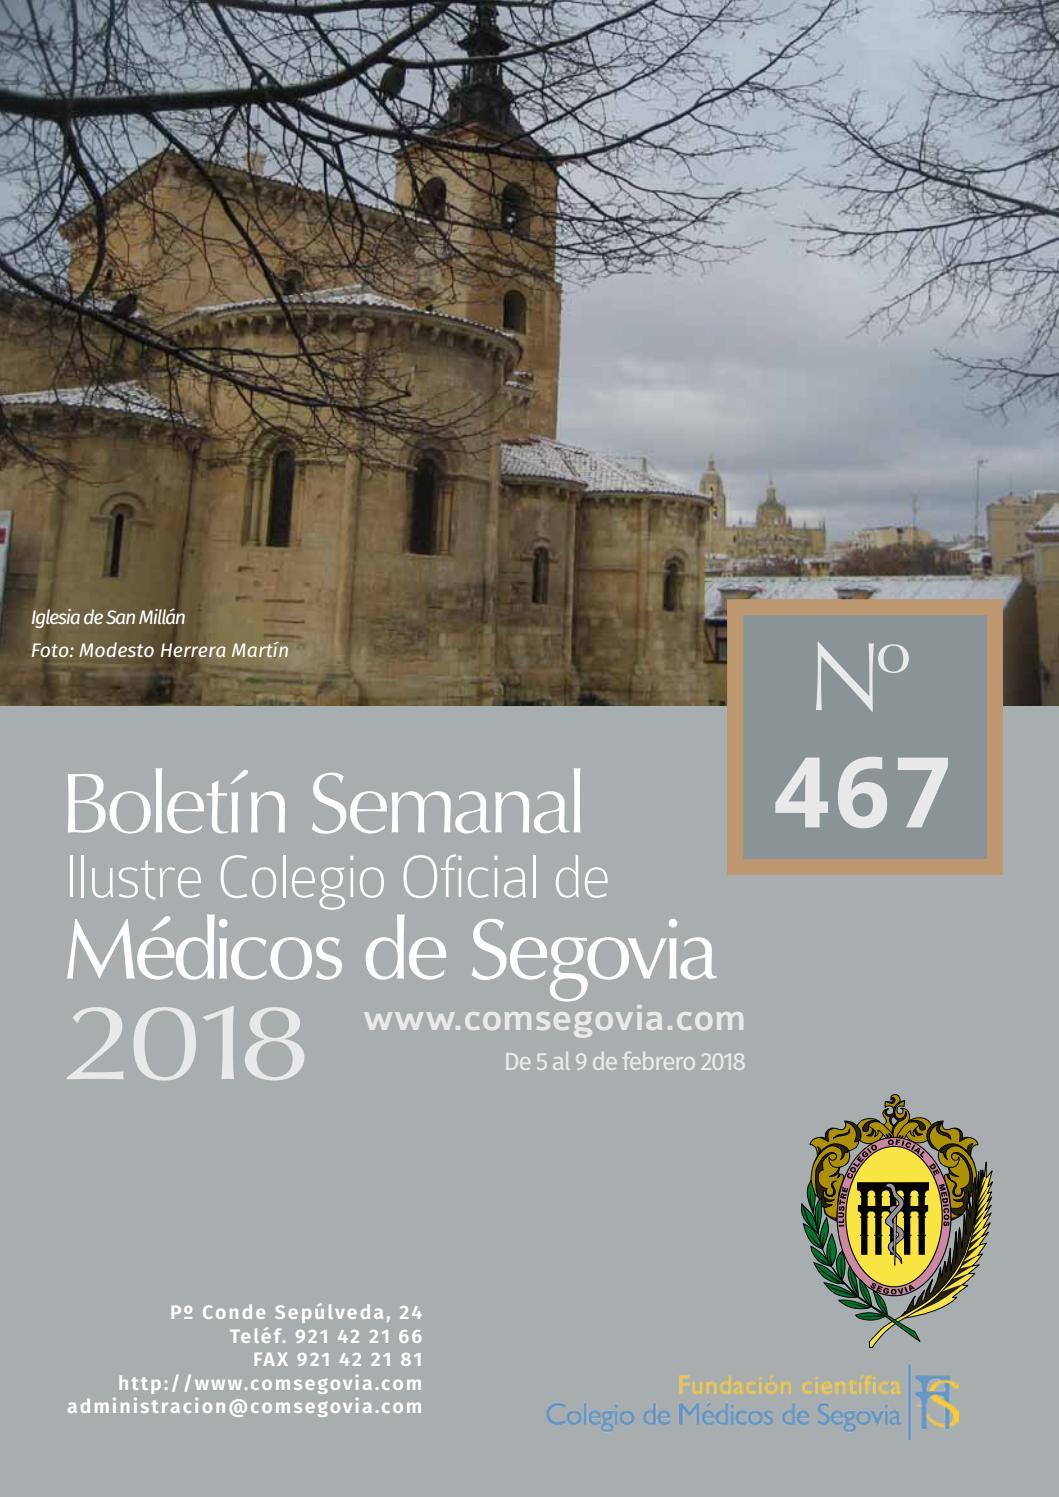 Boletin 467 comsegovia by Colegio de Medicos de Segovia - issuu